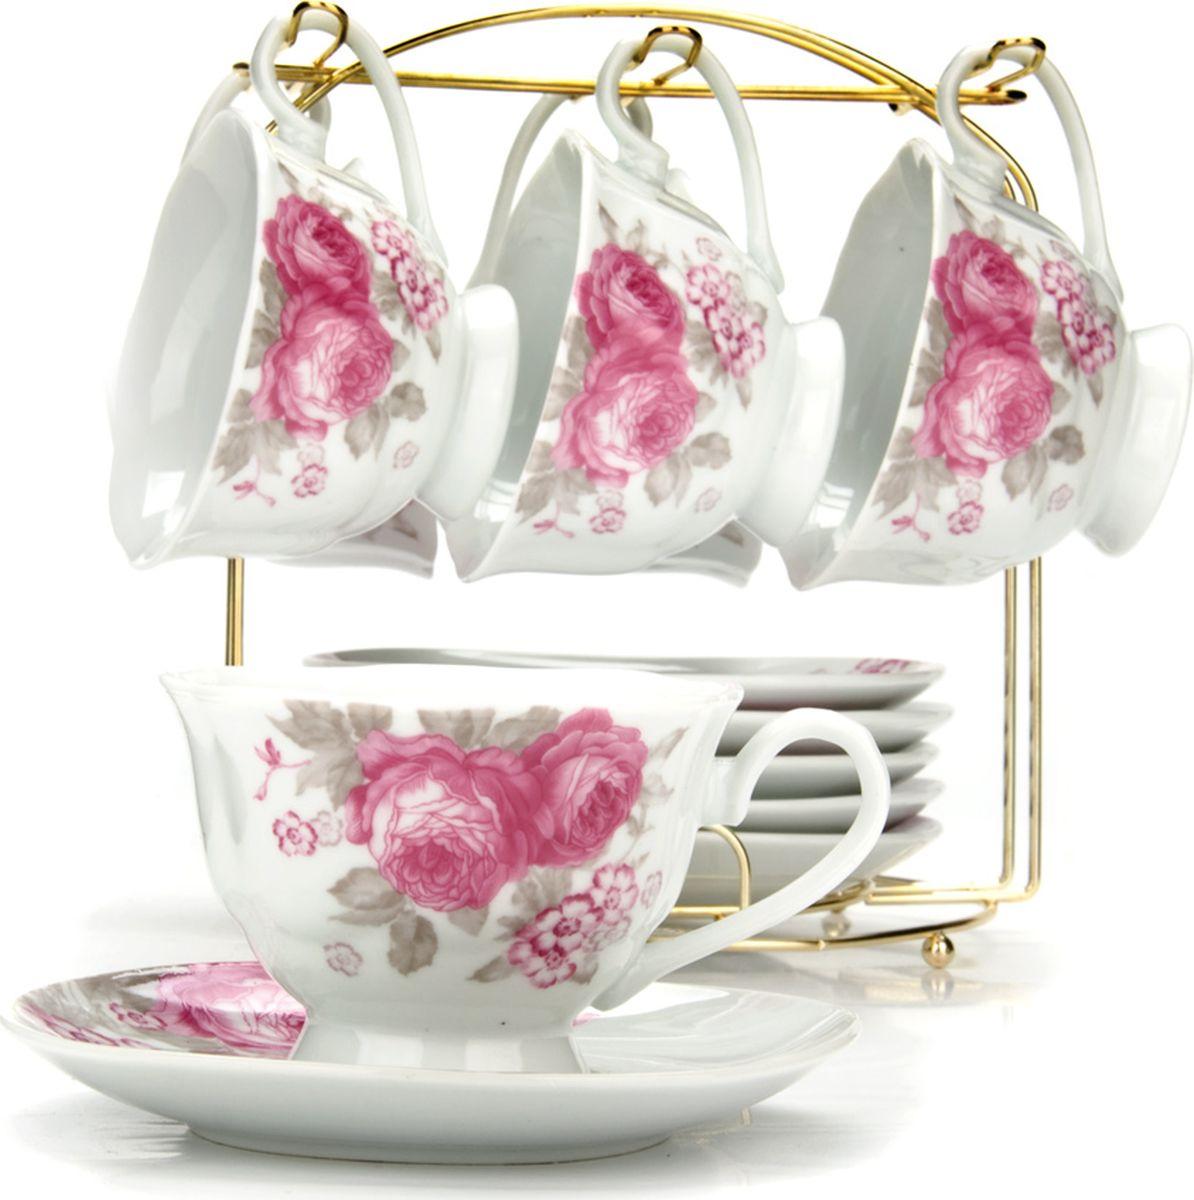 Сервиз чайный Loraine, на подставке, 13 предметов. 43295 сервиз чайный loraine на подставке 13 предметов 43283